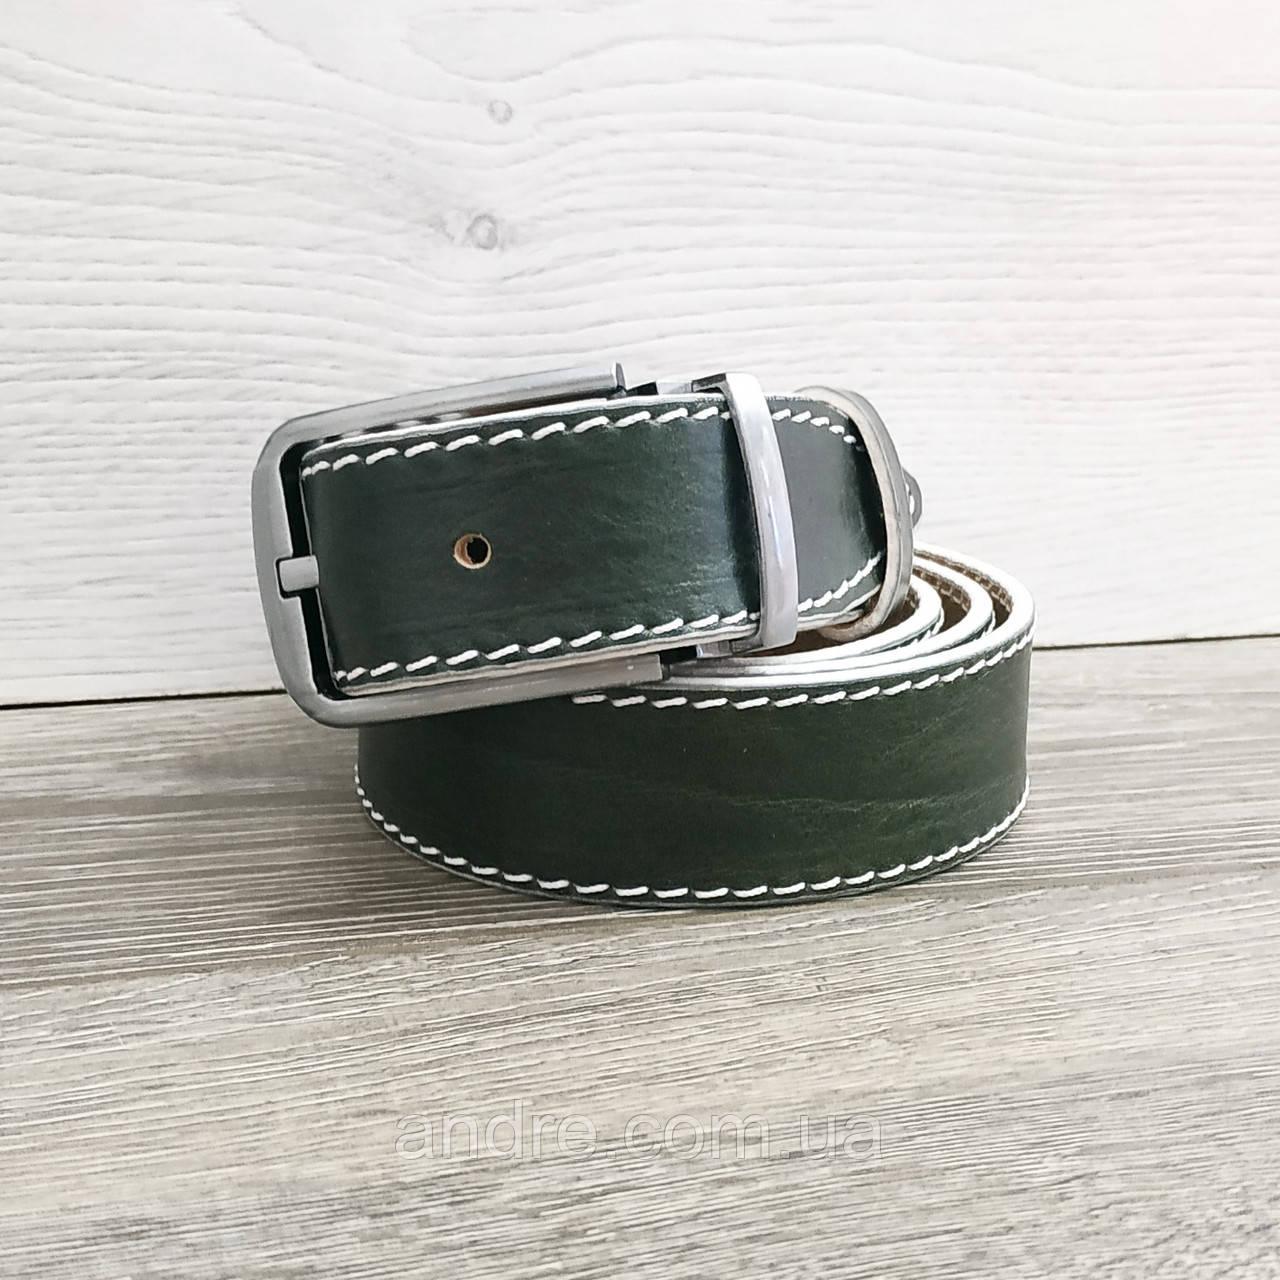 Ремень брючный кожаный 3,5 см зелёный с прострочкой